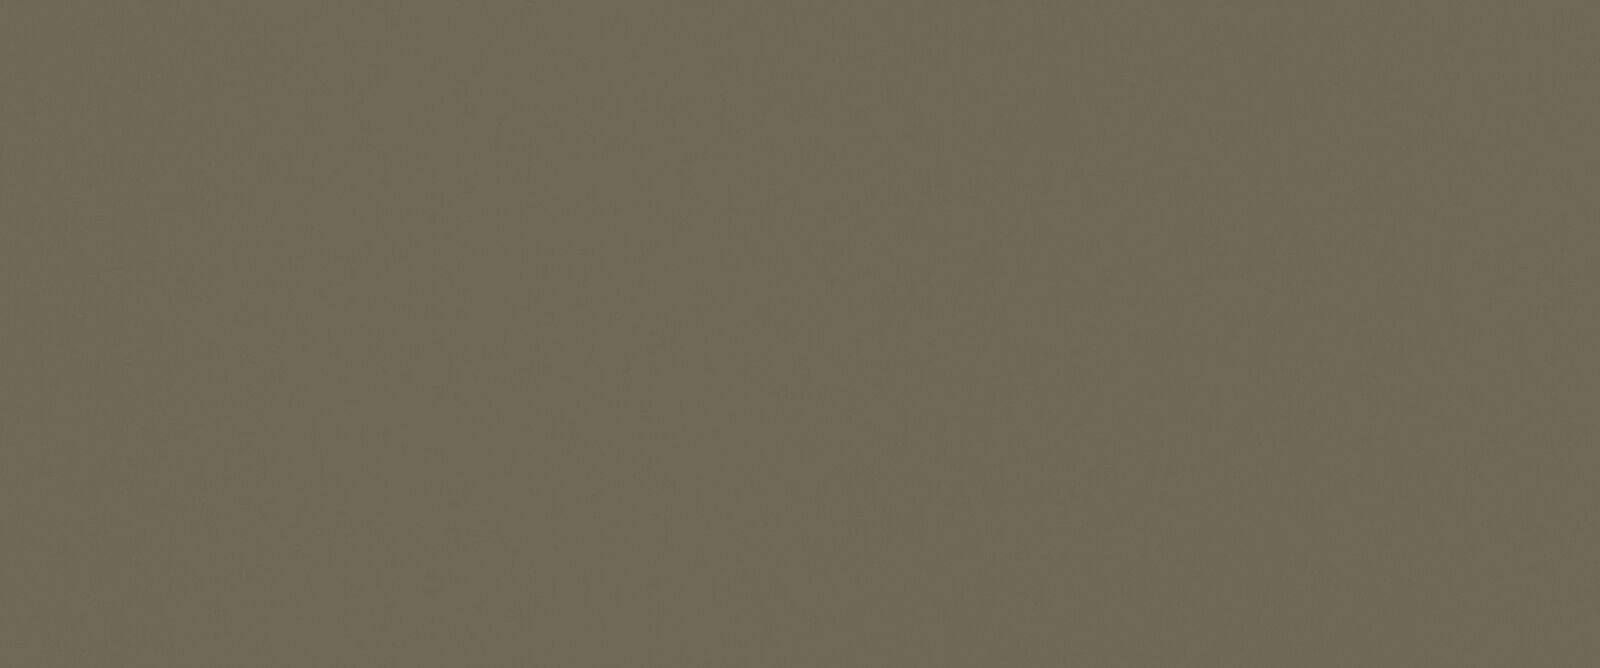 skai® cool colors PLUS American brown SFTN matt